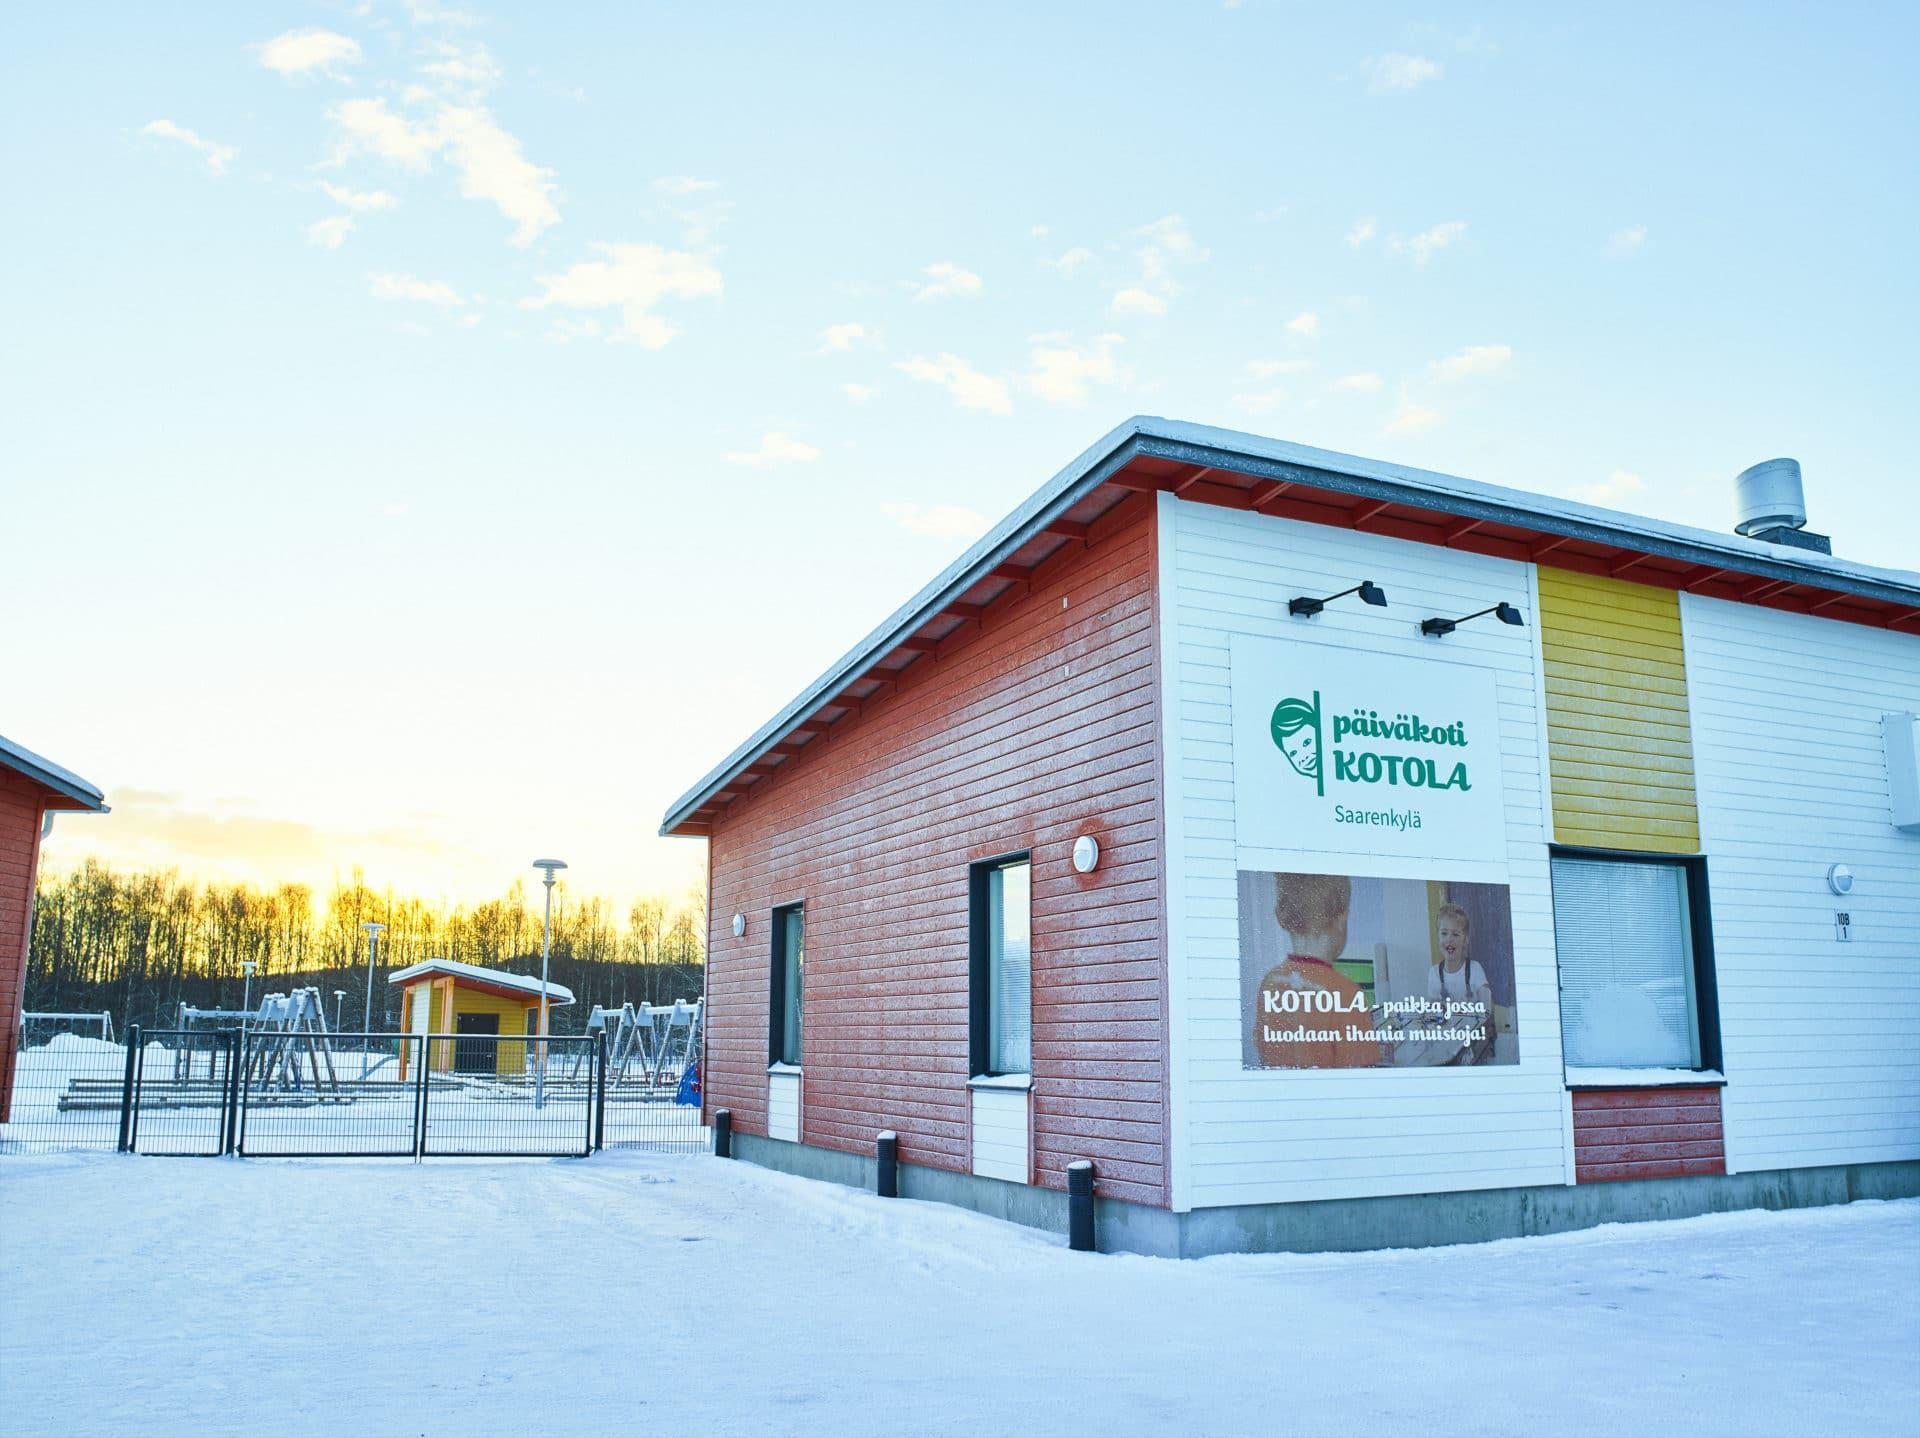 Hoivatilat päiväkoti Rovaniemi